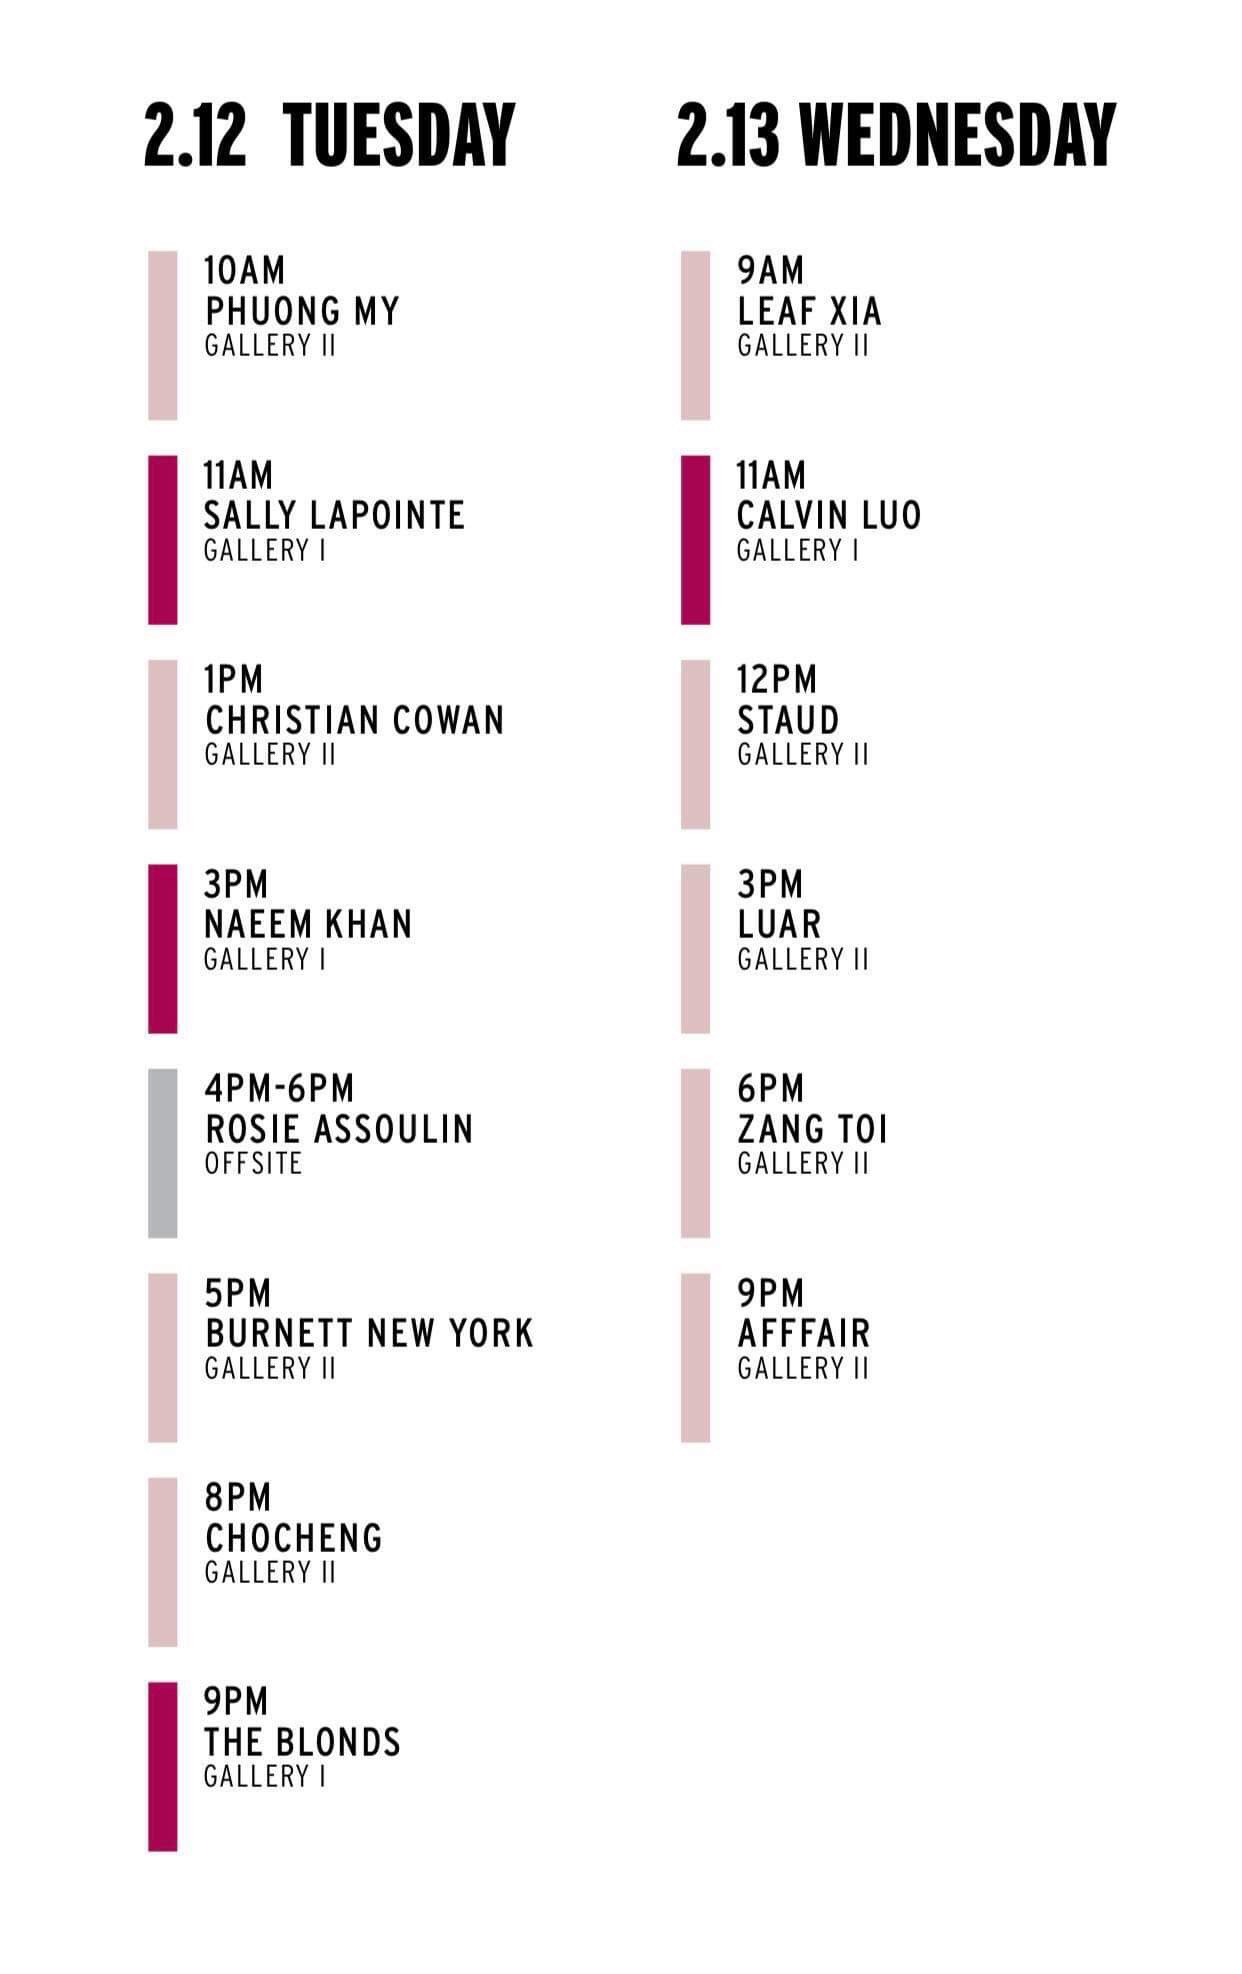 NYFW Thu Đông 2019 sẽ được diễn ra từ ngày 07/02 đến ngày 13/02 tại Spring Studios, thành phố New York (Mỹ). Show của PHUONG MY sẽ diễn ra vào ngày 12/02 và nằm trong khuôn khổ chính thức của NYFW.